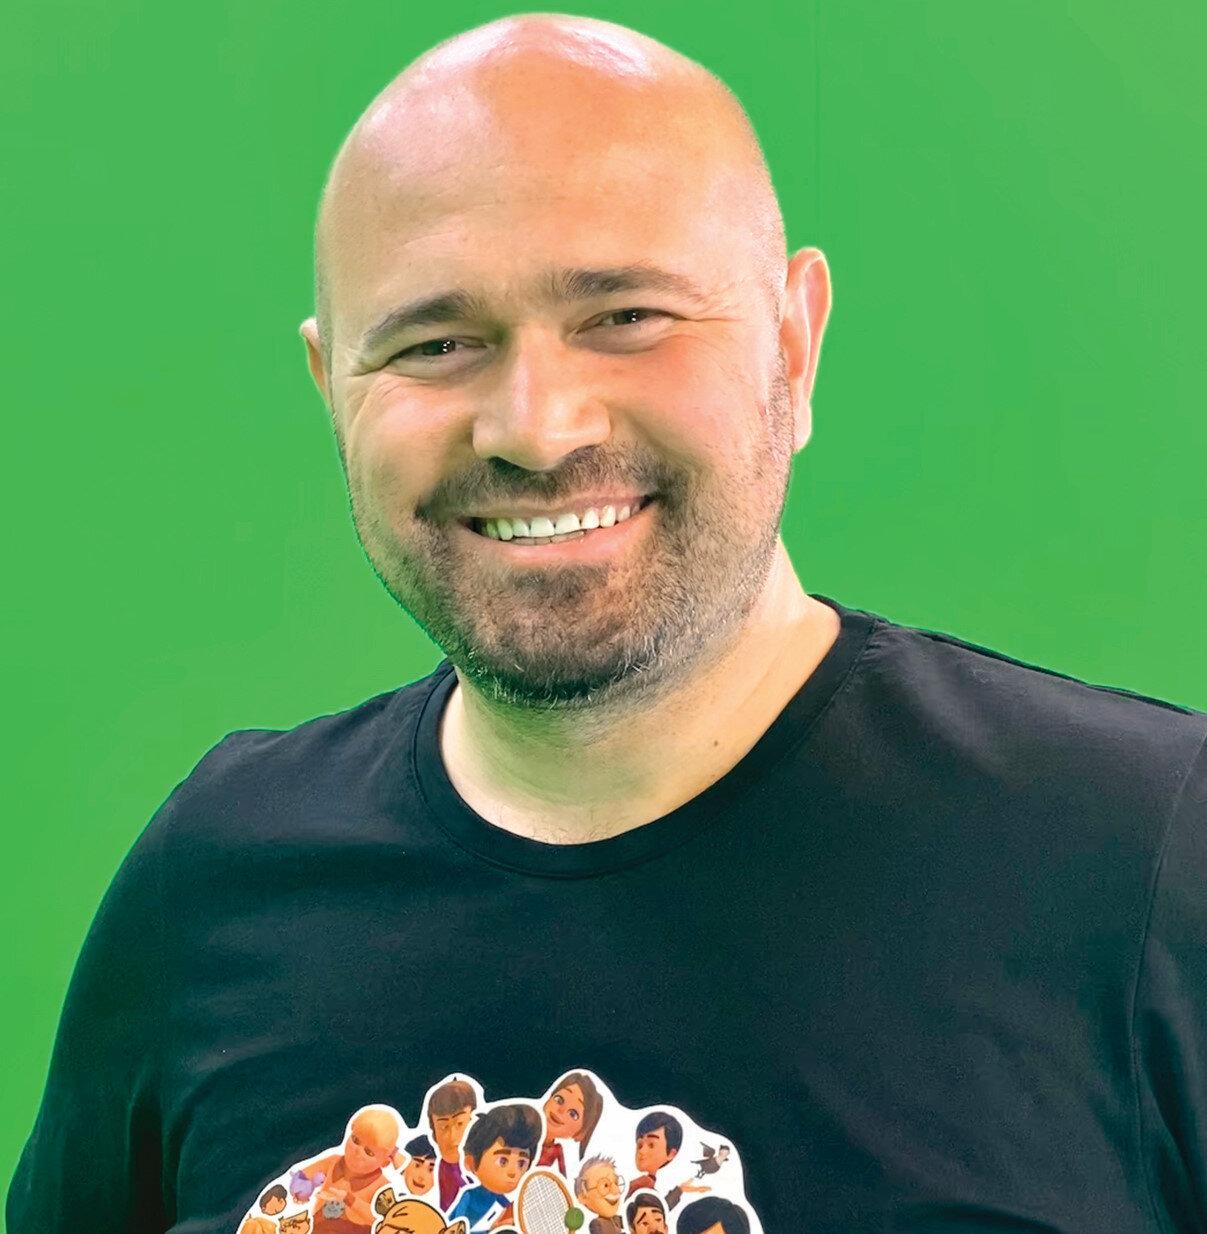 Çizgi dizinin yapımcısı ve yönetmeni İsmail Fidan